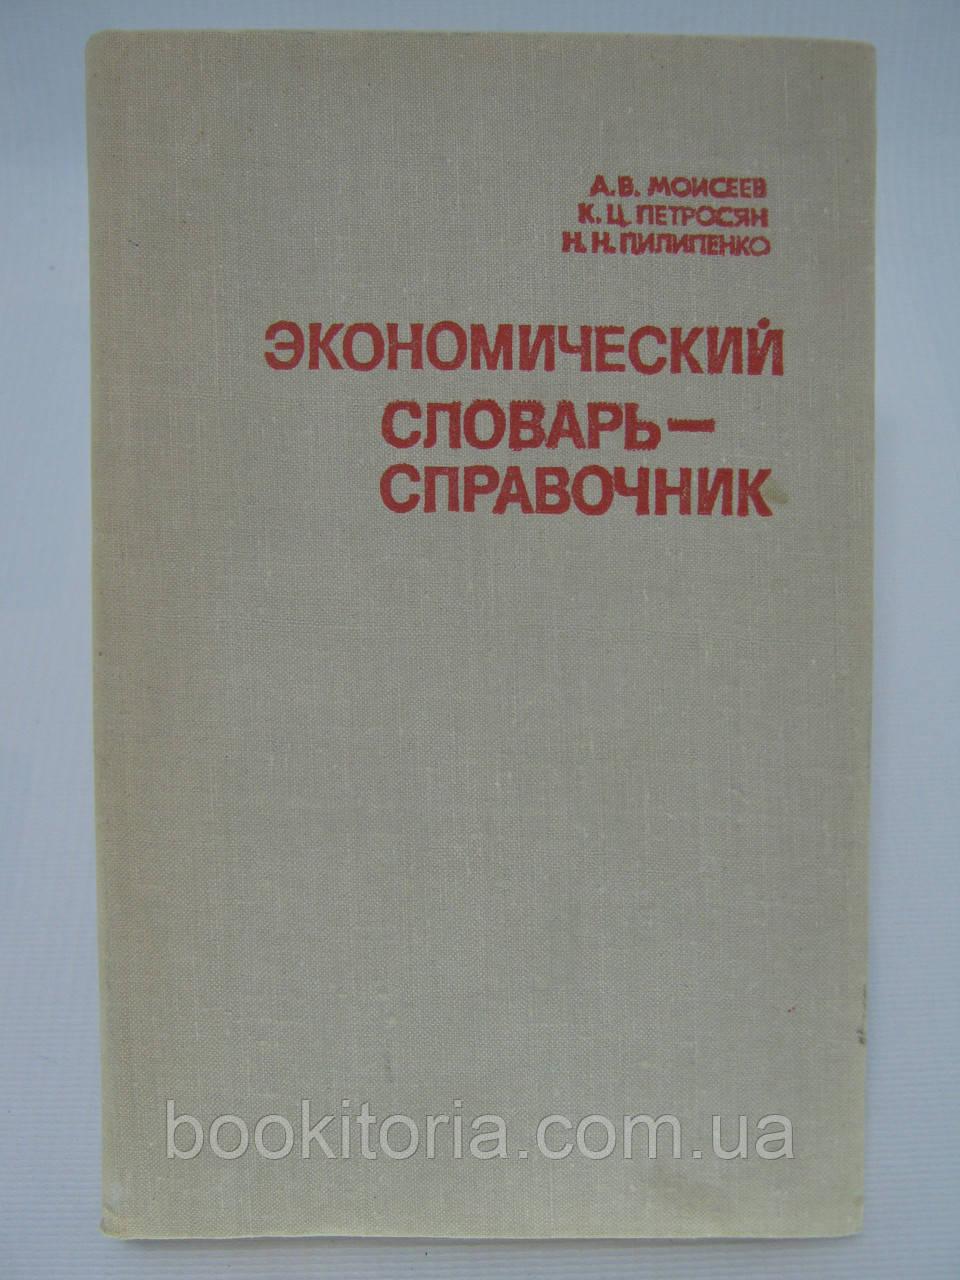 Моисеев А.В., Петросян К.Ц., Пилипенко Н.Н. Экономический словарь-справочник (б/у).